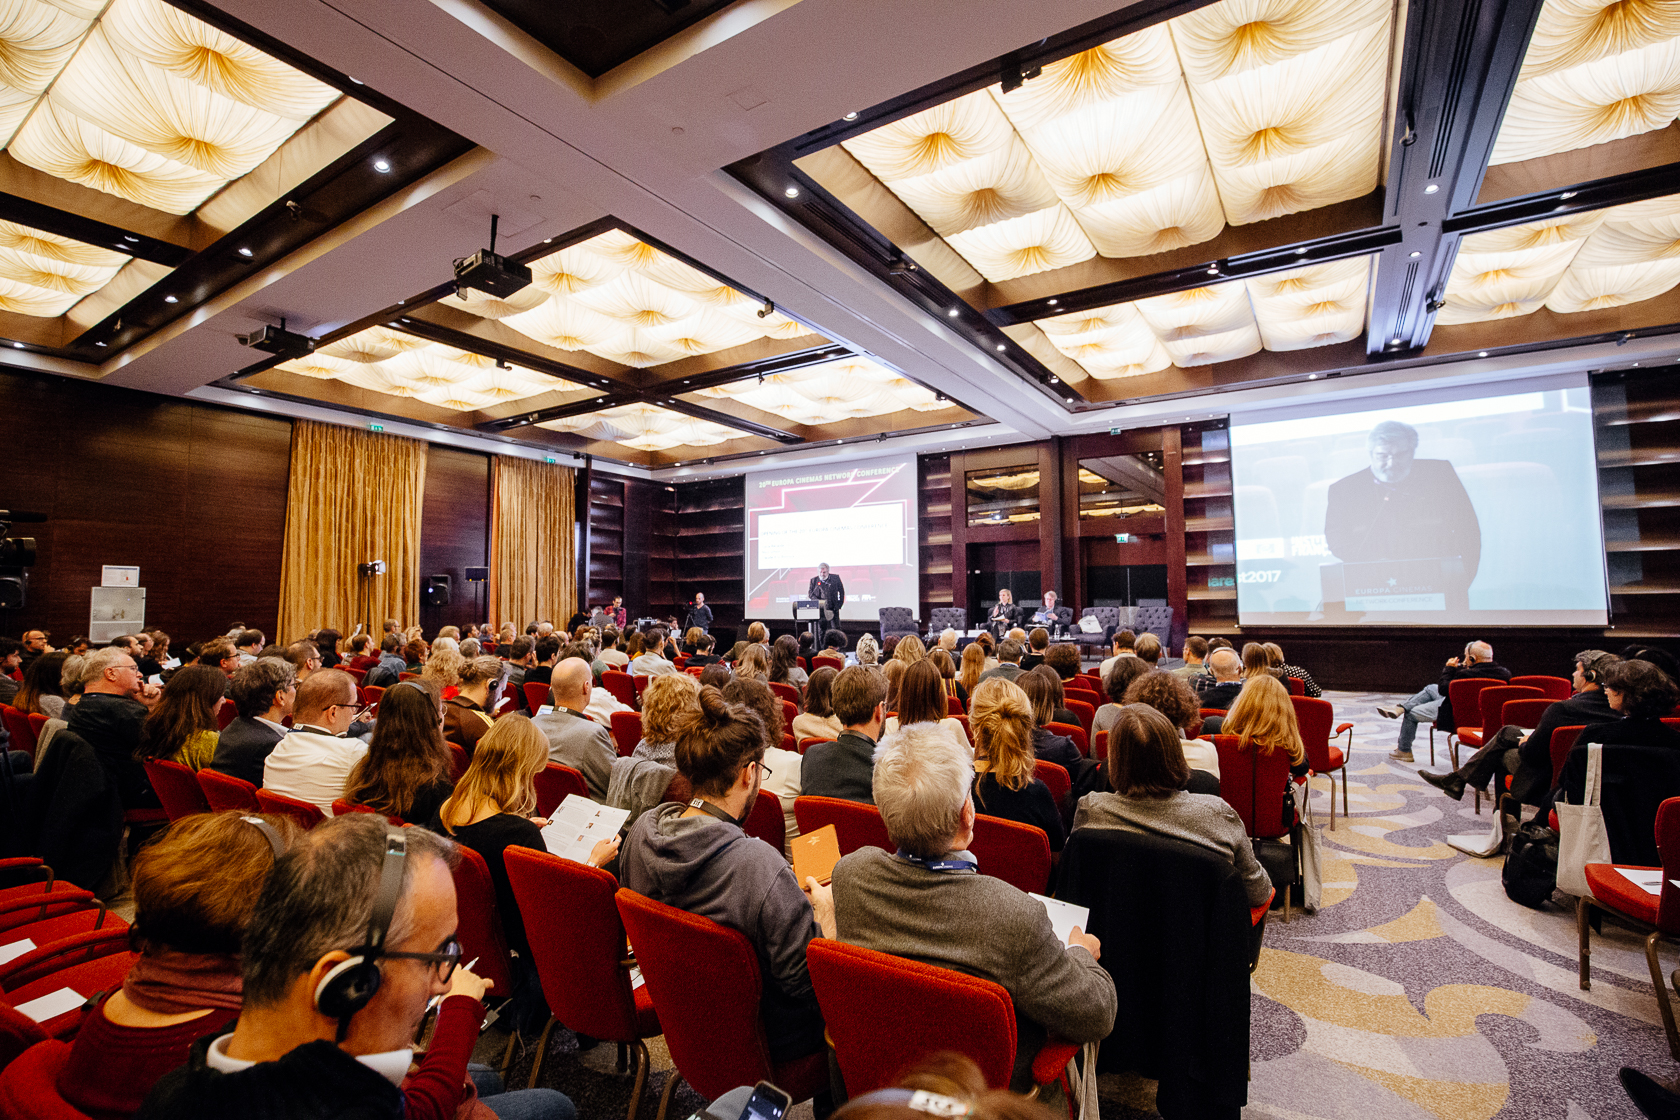 Cinema Europa Zweibrücken Programm